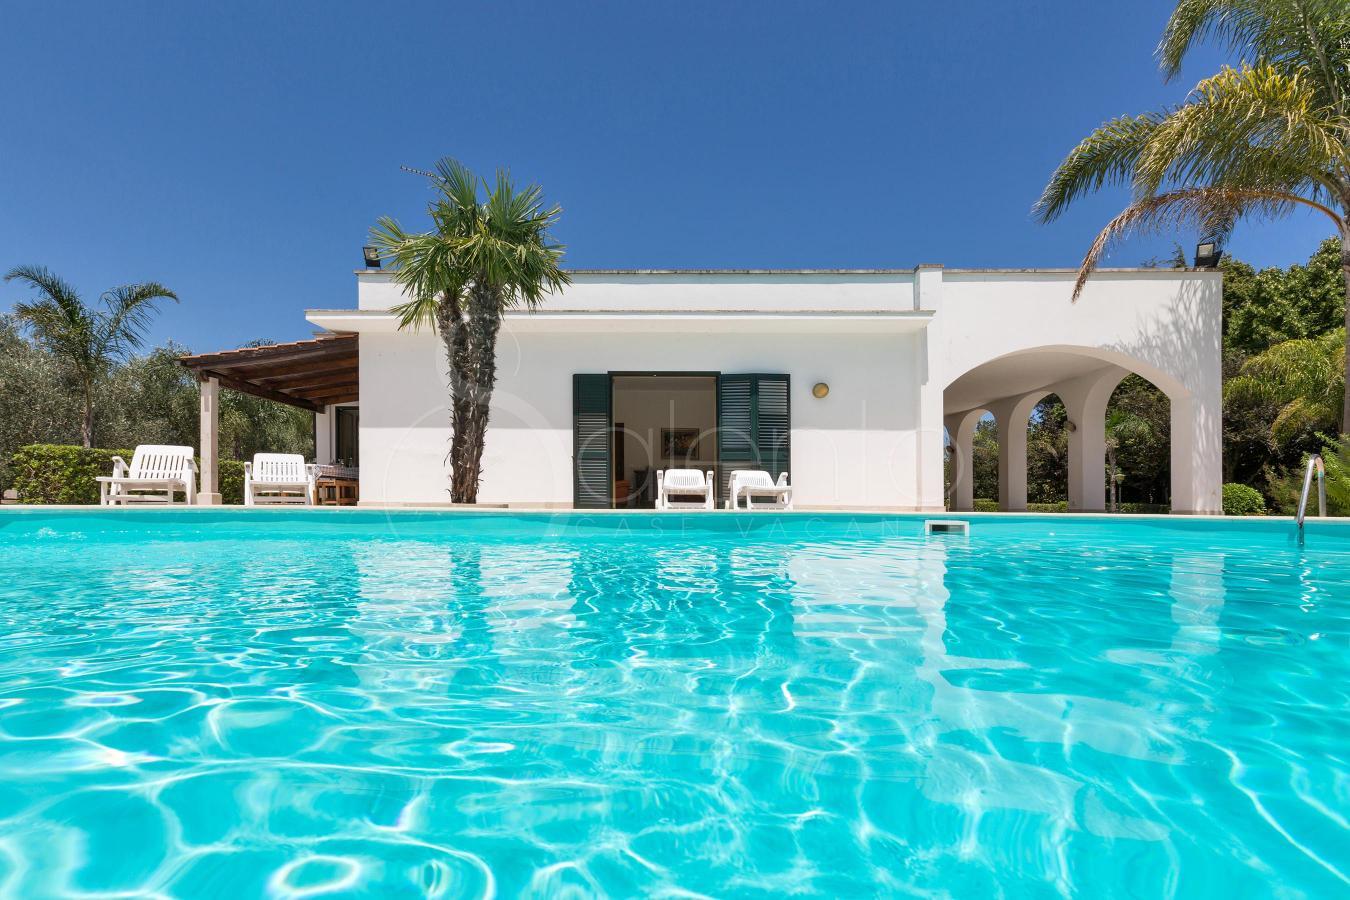 Villa con piscina e giardino per vacanze nel salento a - Casa vacanza con piscina salento ...